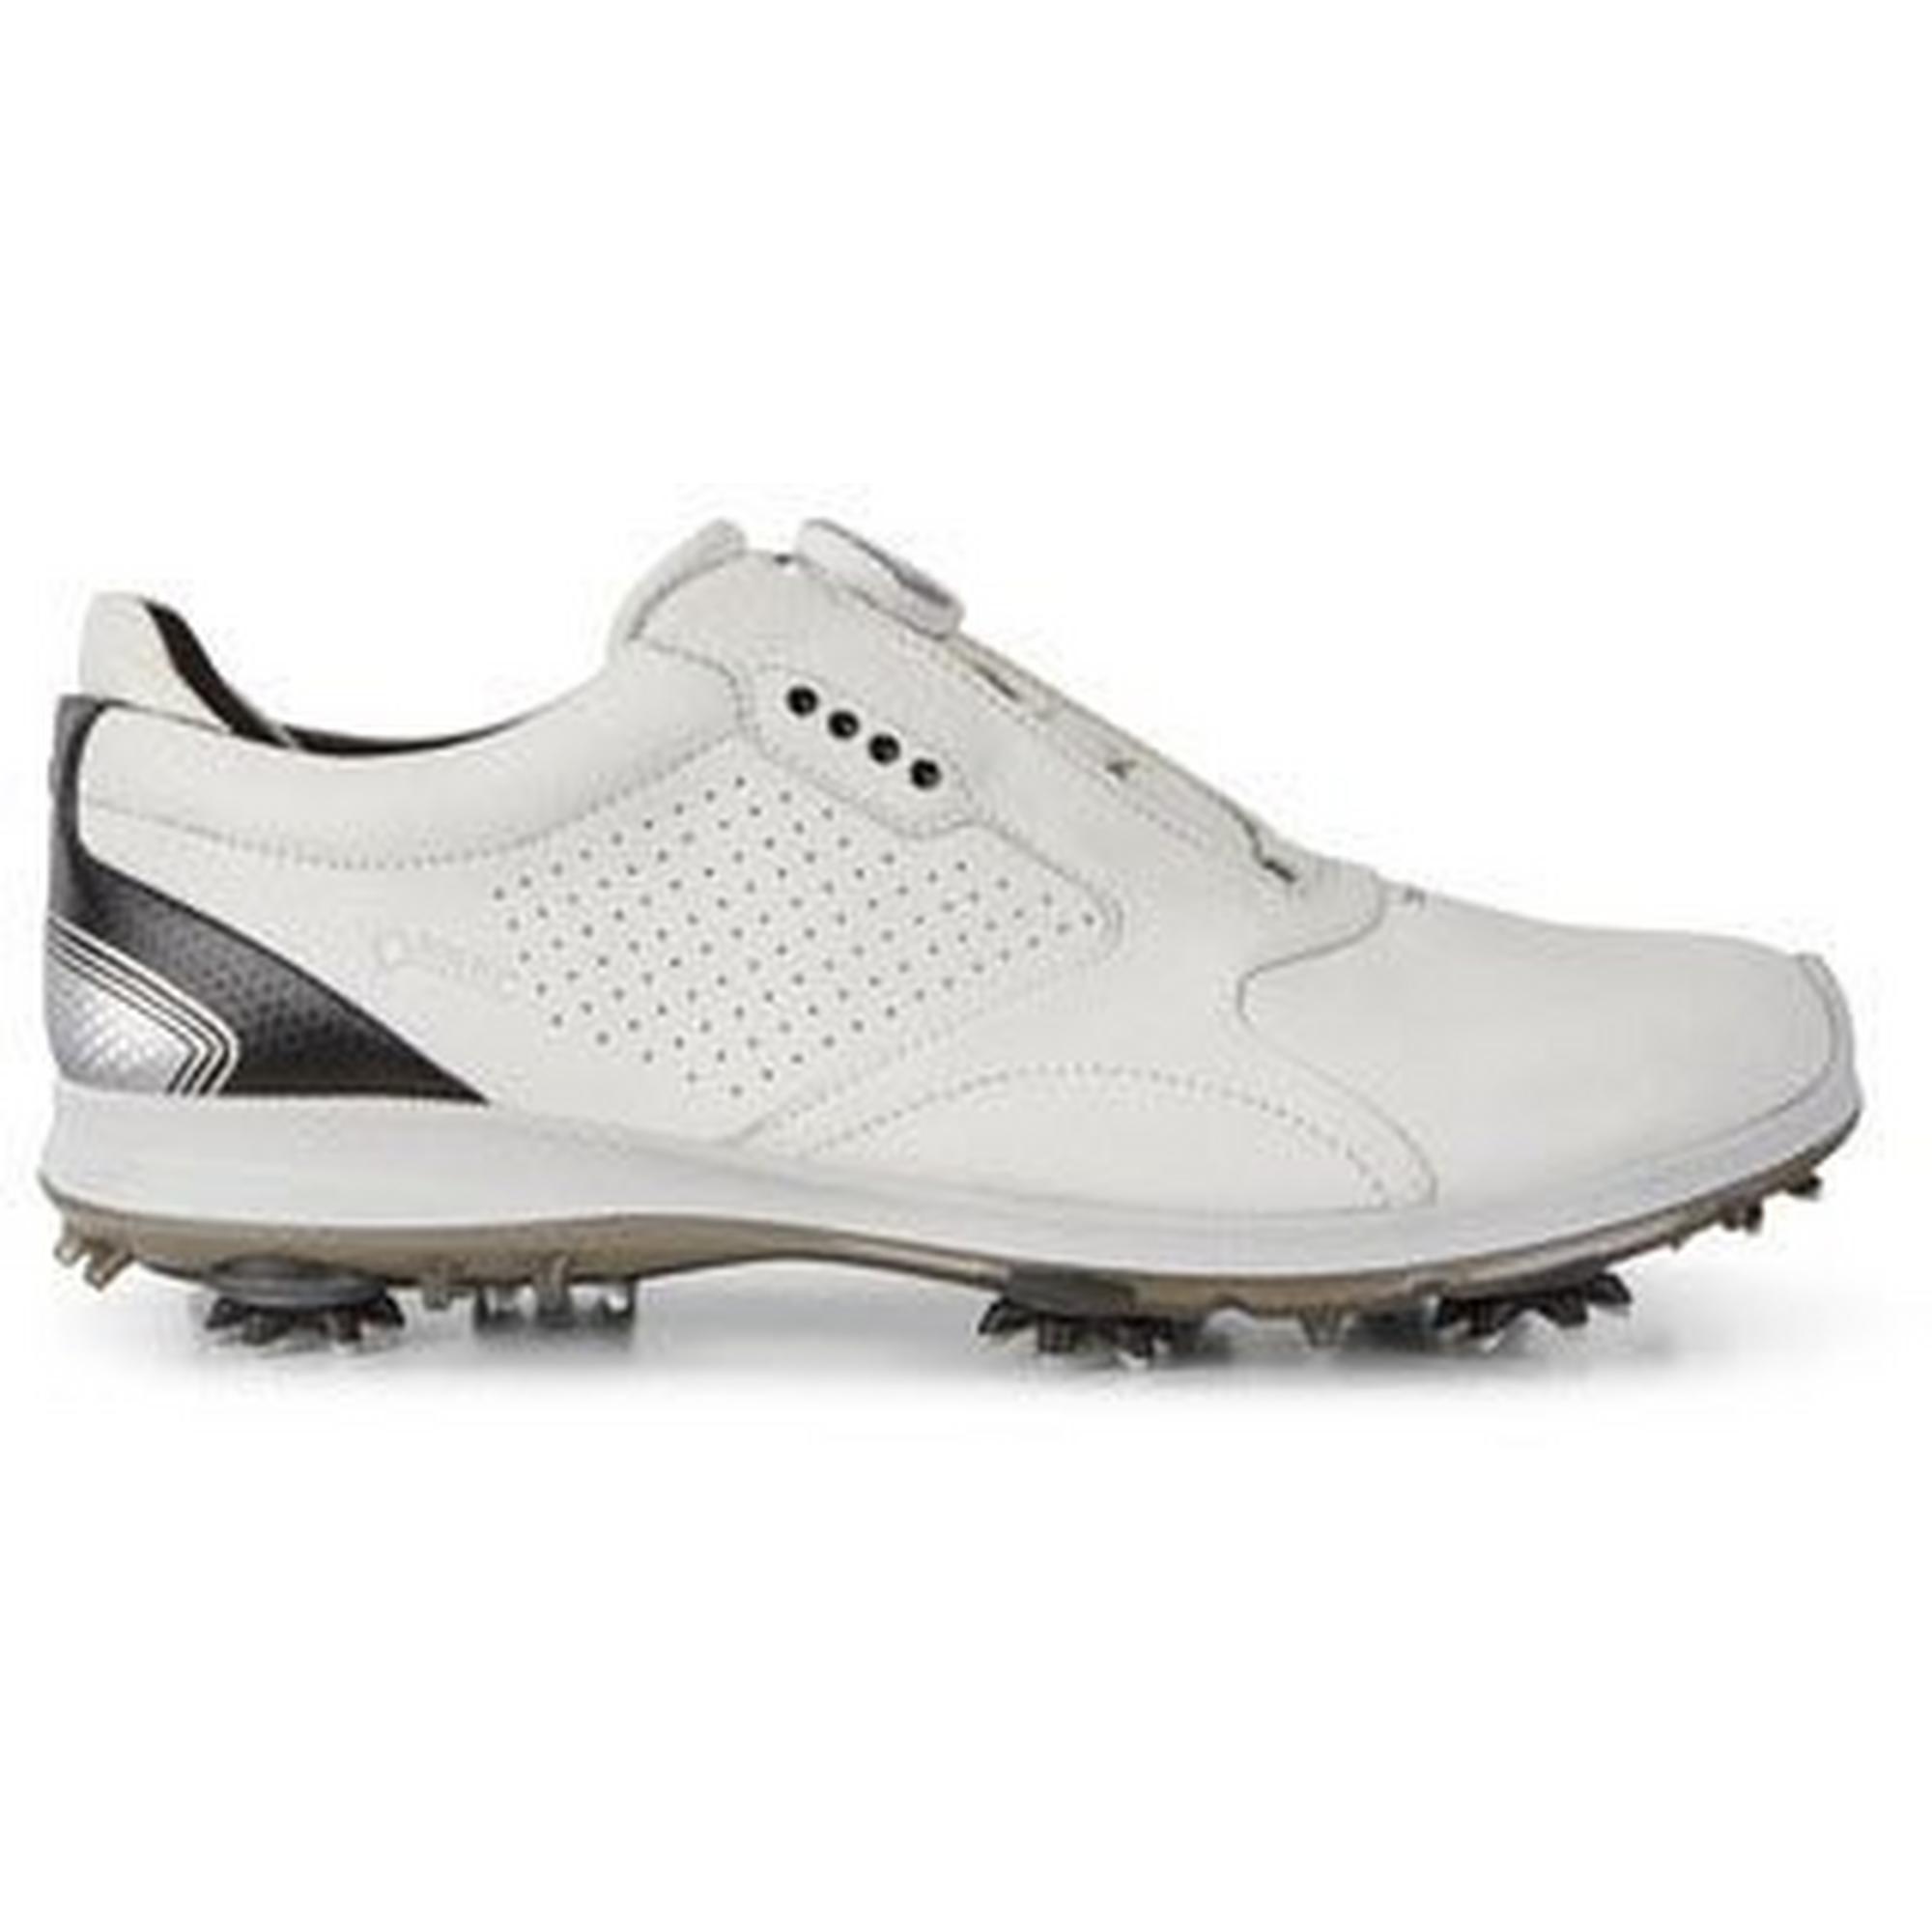 Chaussures Biom G2 2018 à crampons pour hommes – Blanc/Noir